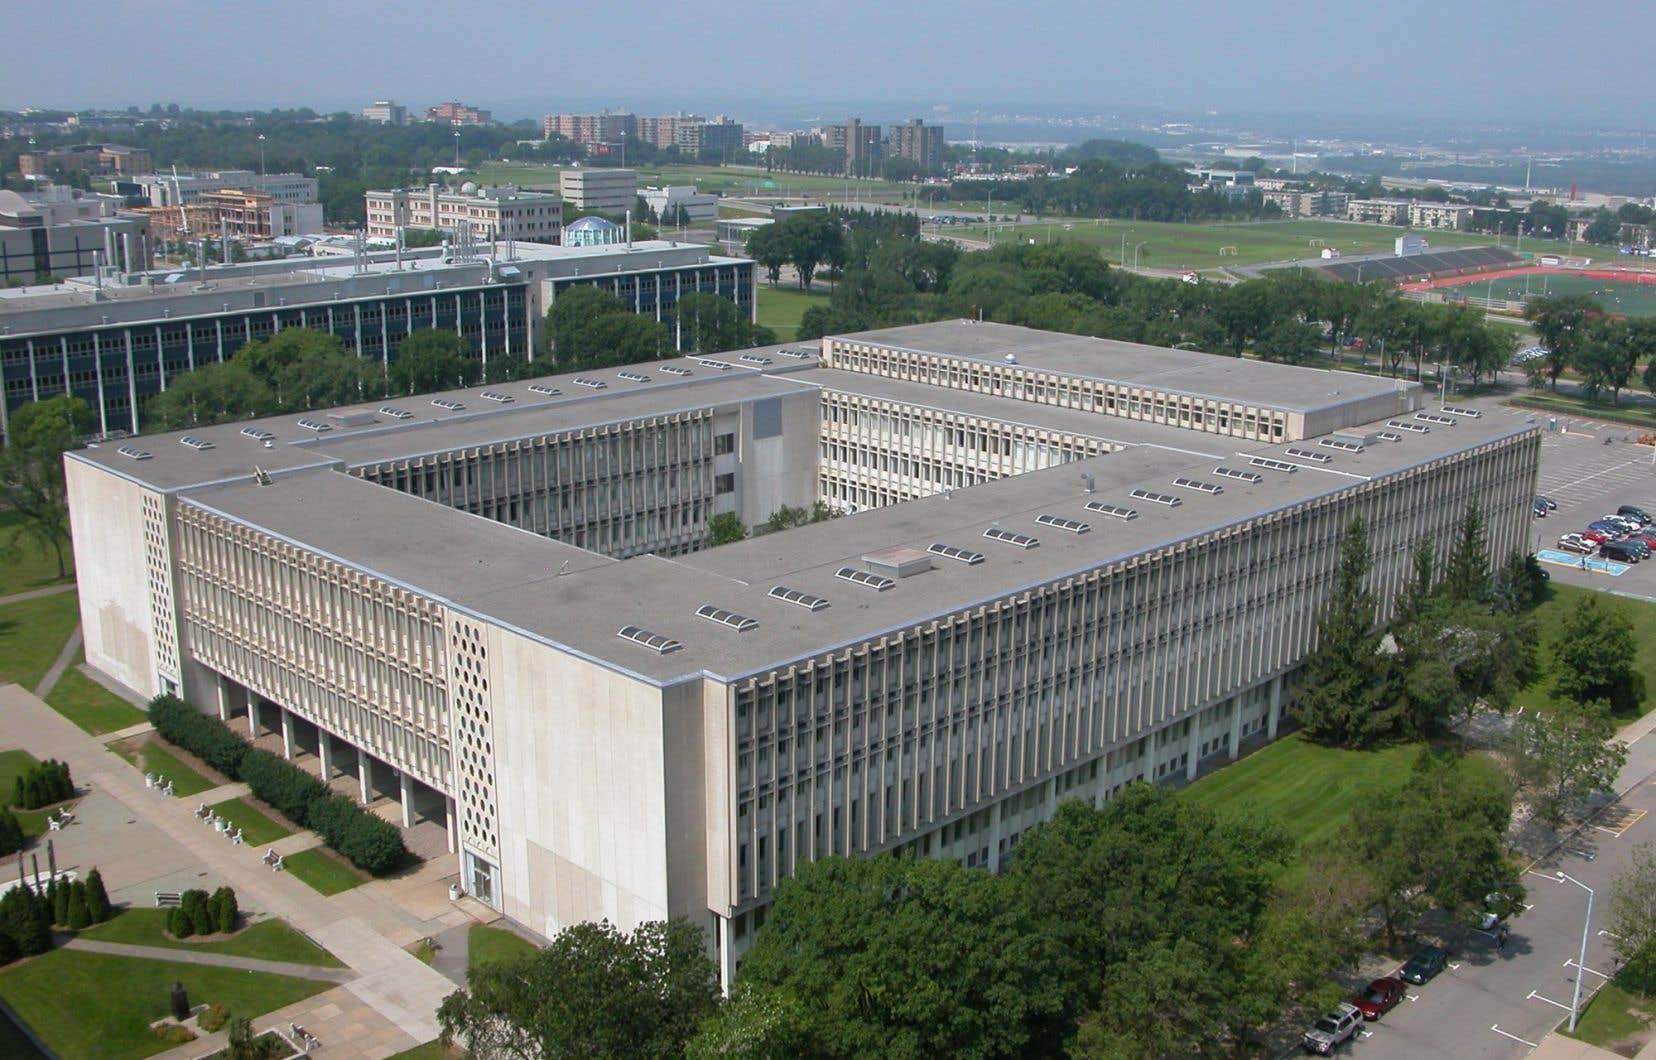 L'université proposait de reporter certains investissements immobiliers pour réduire ses dépenses.